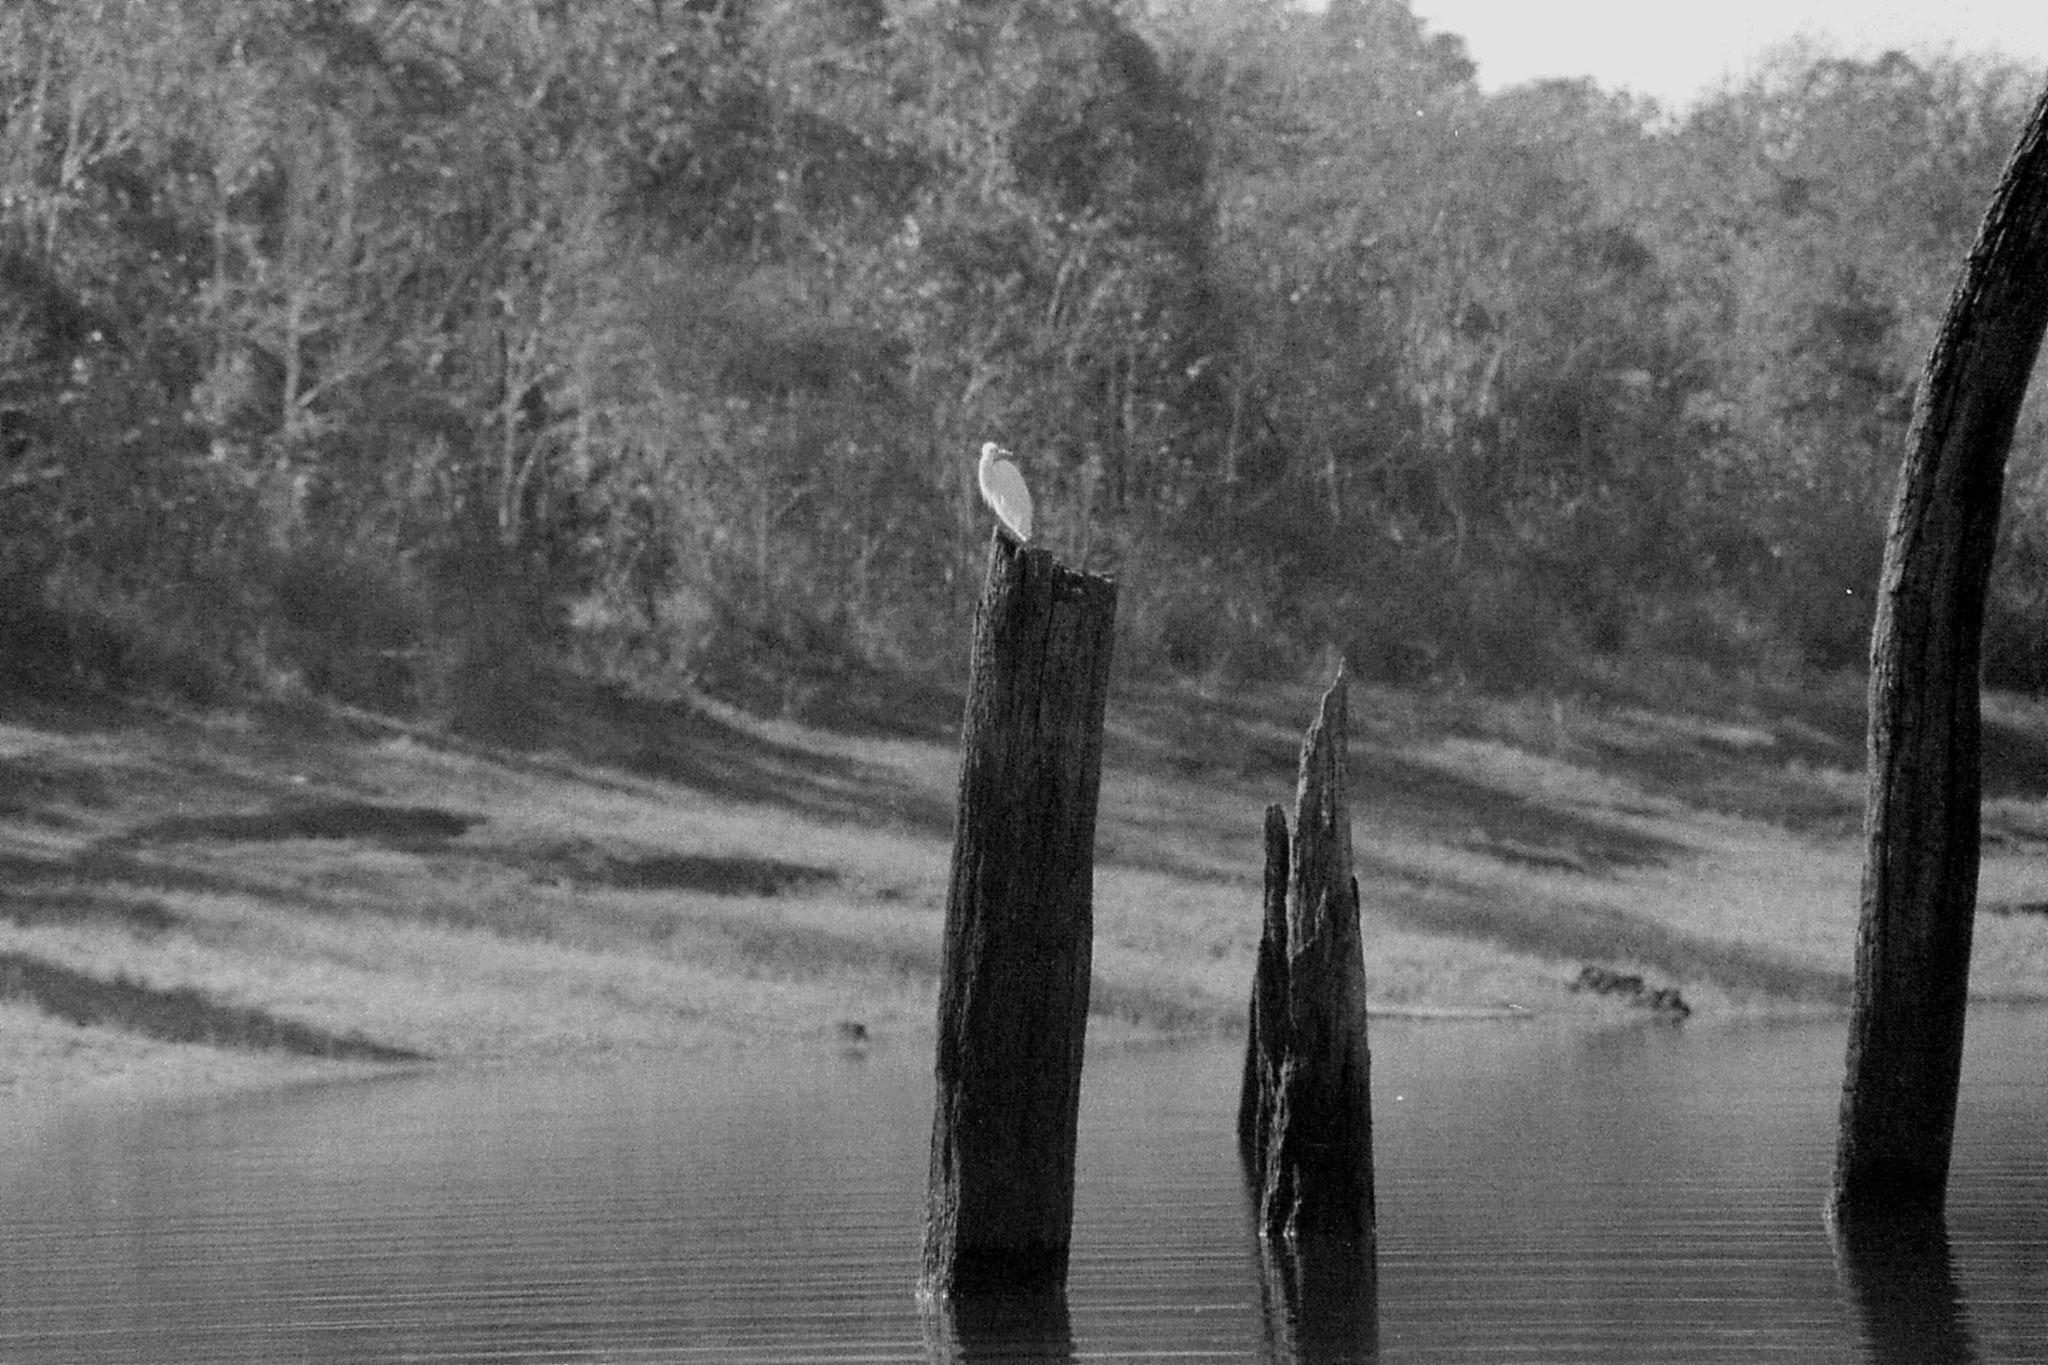 097/30: 23/2/1990 Periyar egret